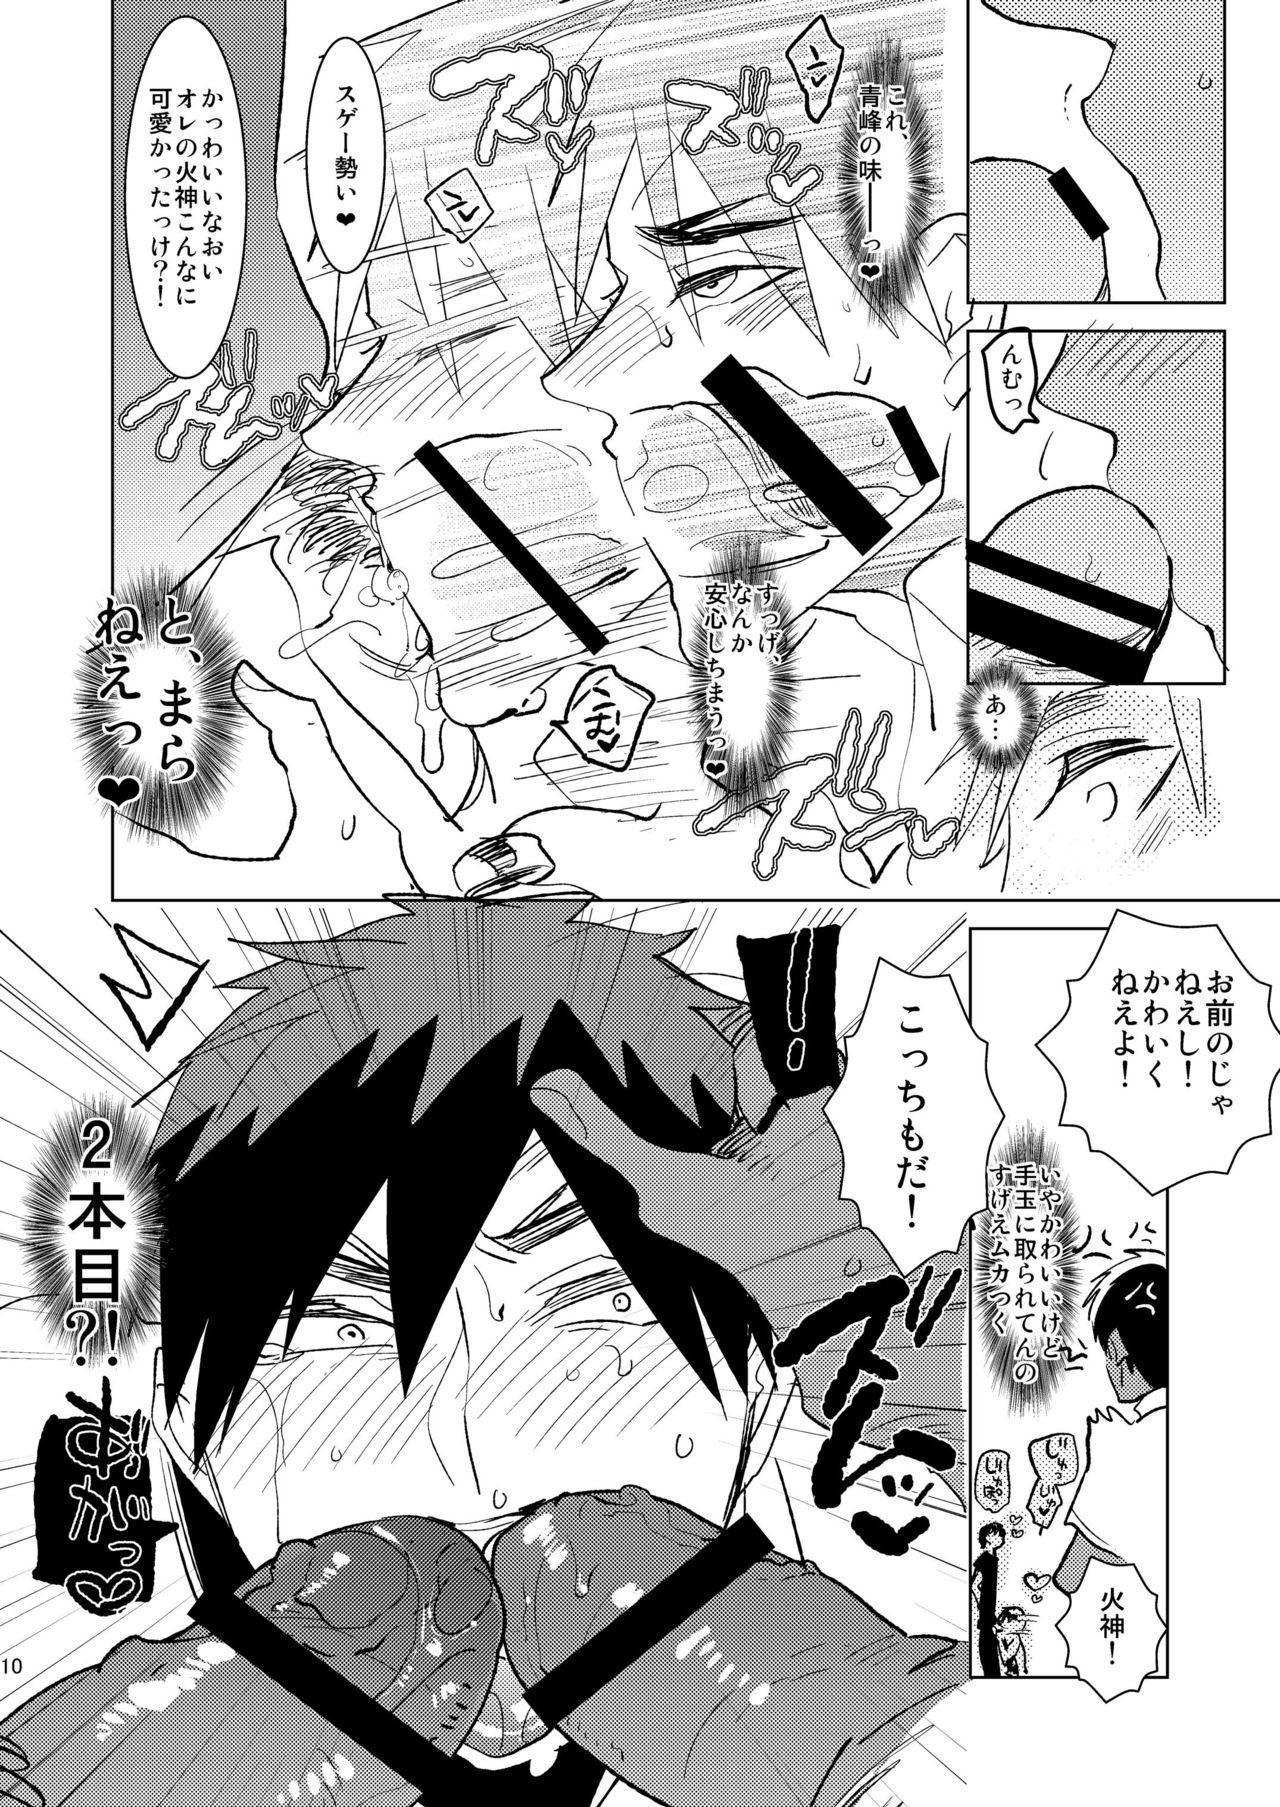 [archea (Sasagawa Nagaru)] Otona no Aomine-kun to (Seiteki ni) Asobou (Kuroko no Basuke) [Digital] 8